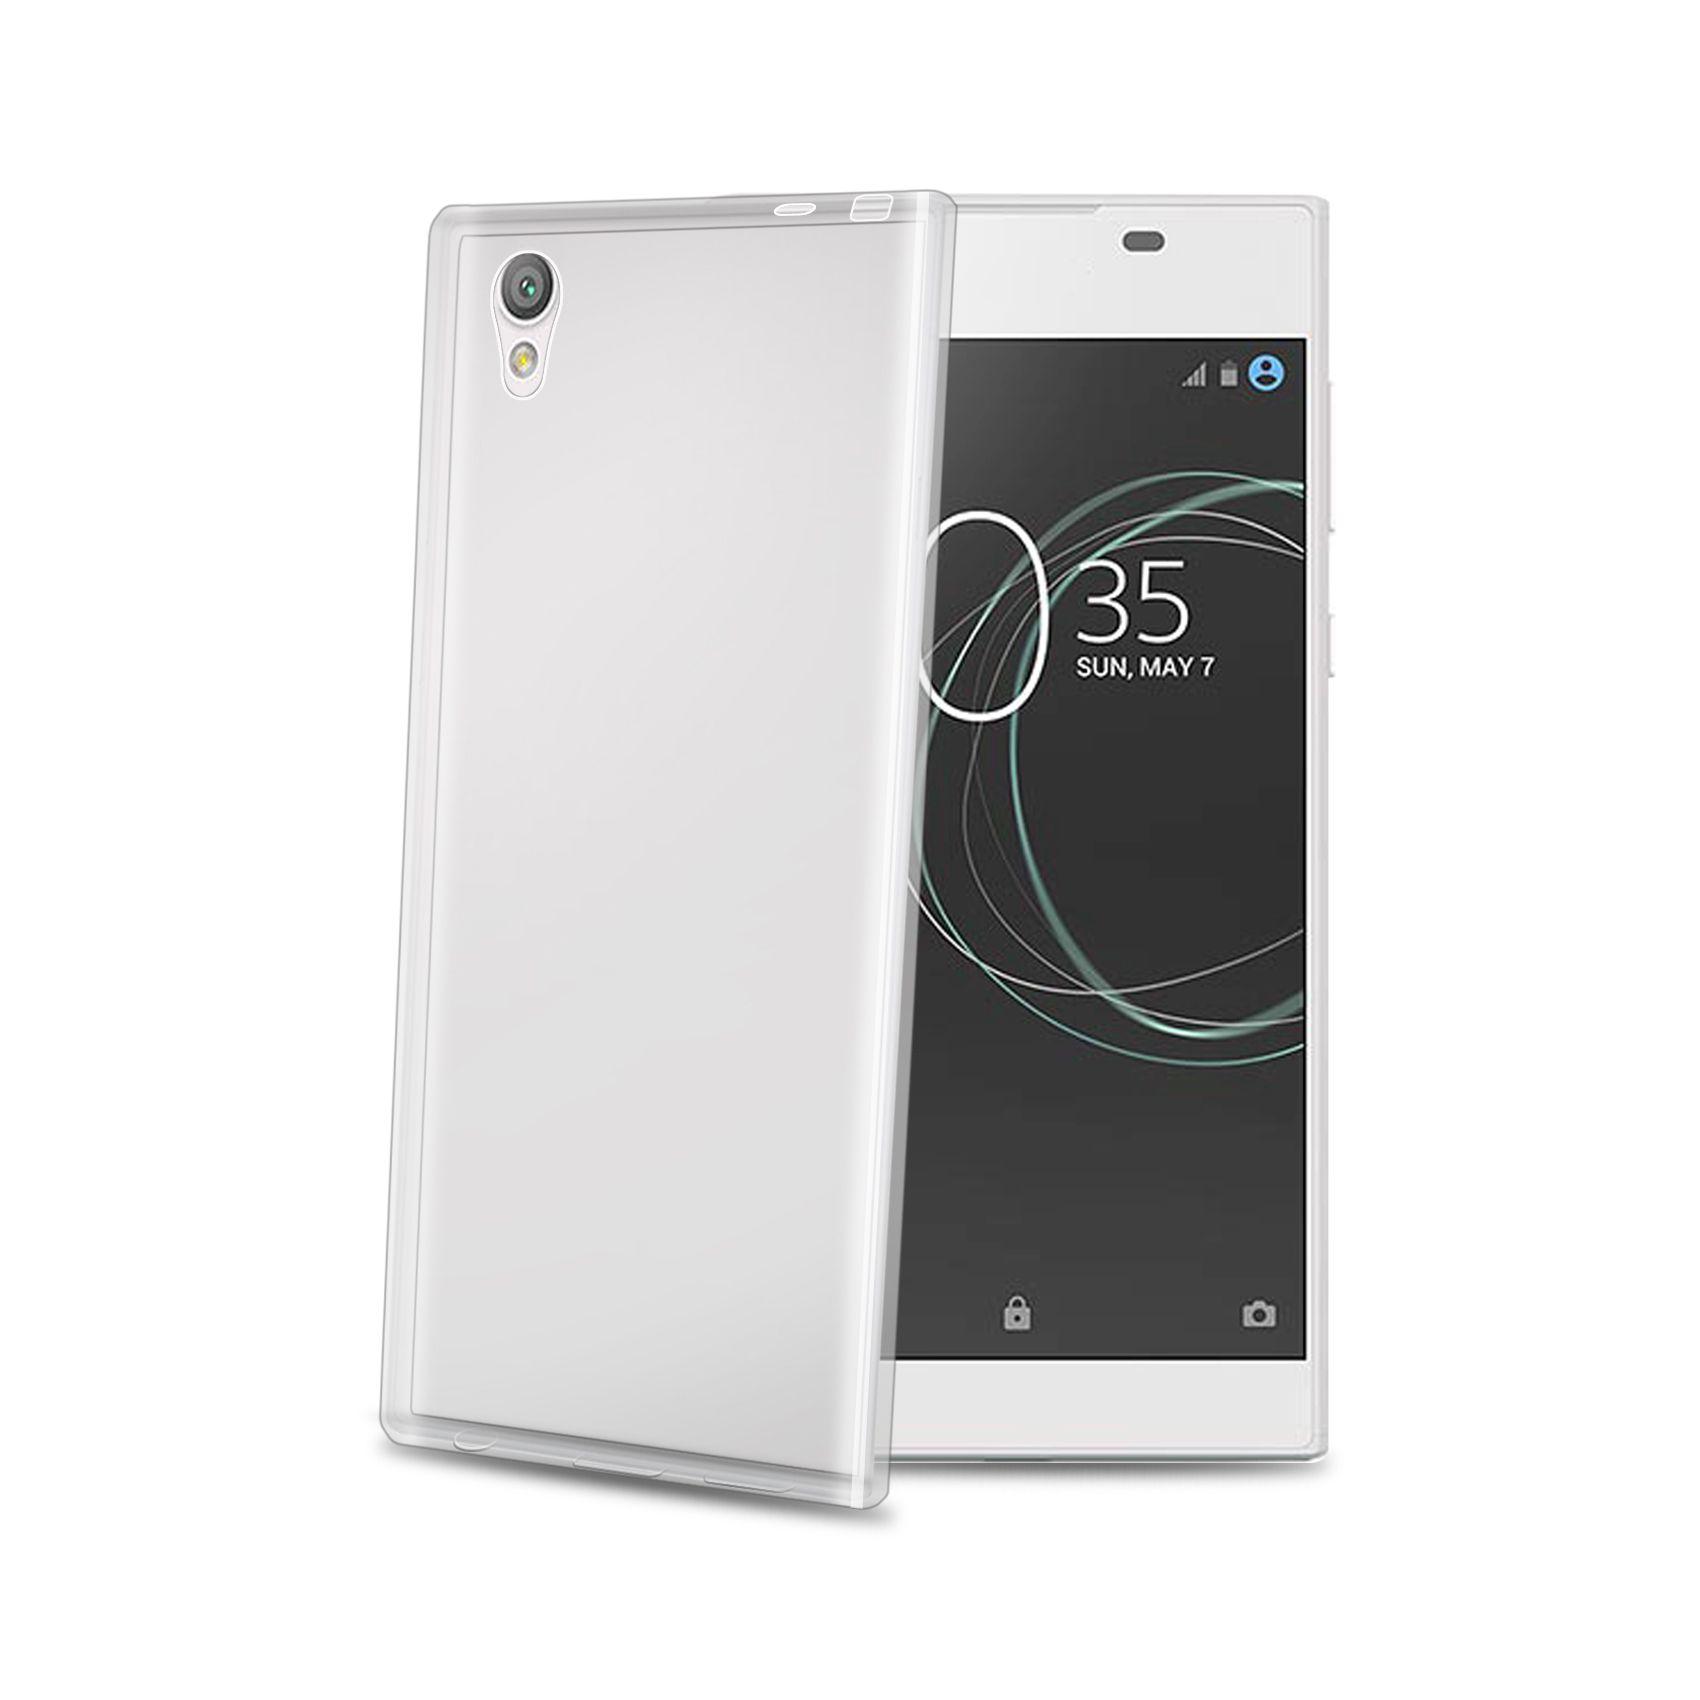 TPU pouzdro CELLY Gelskin pro Sony Xperia L1, bezbarvé